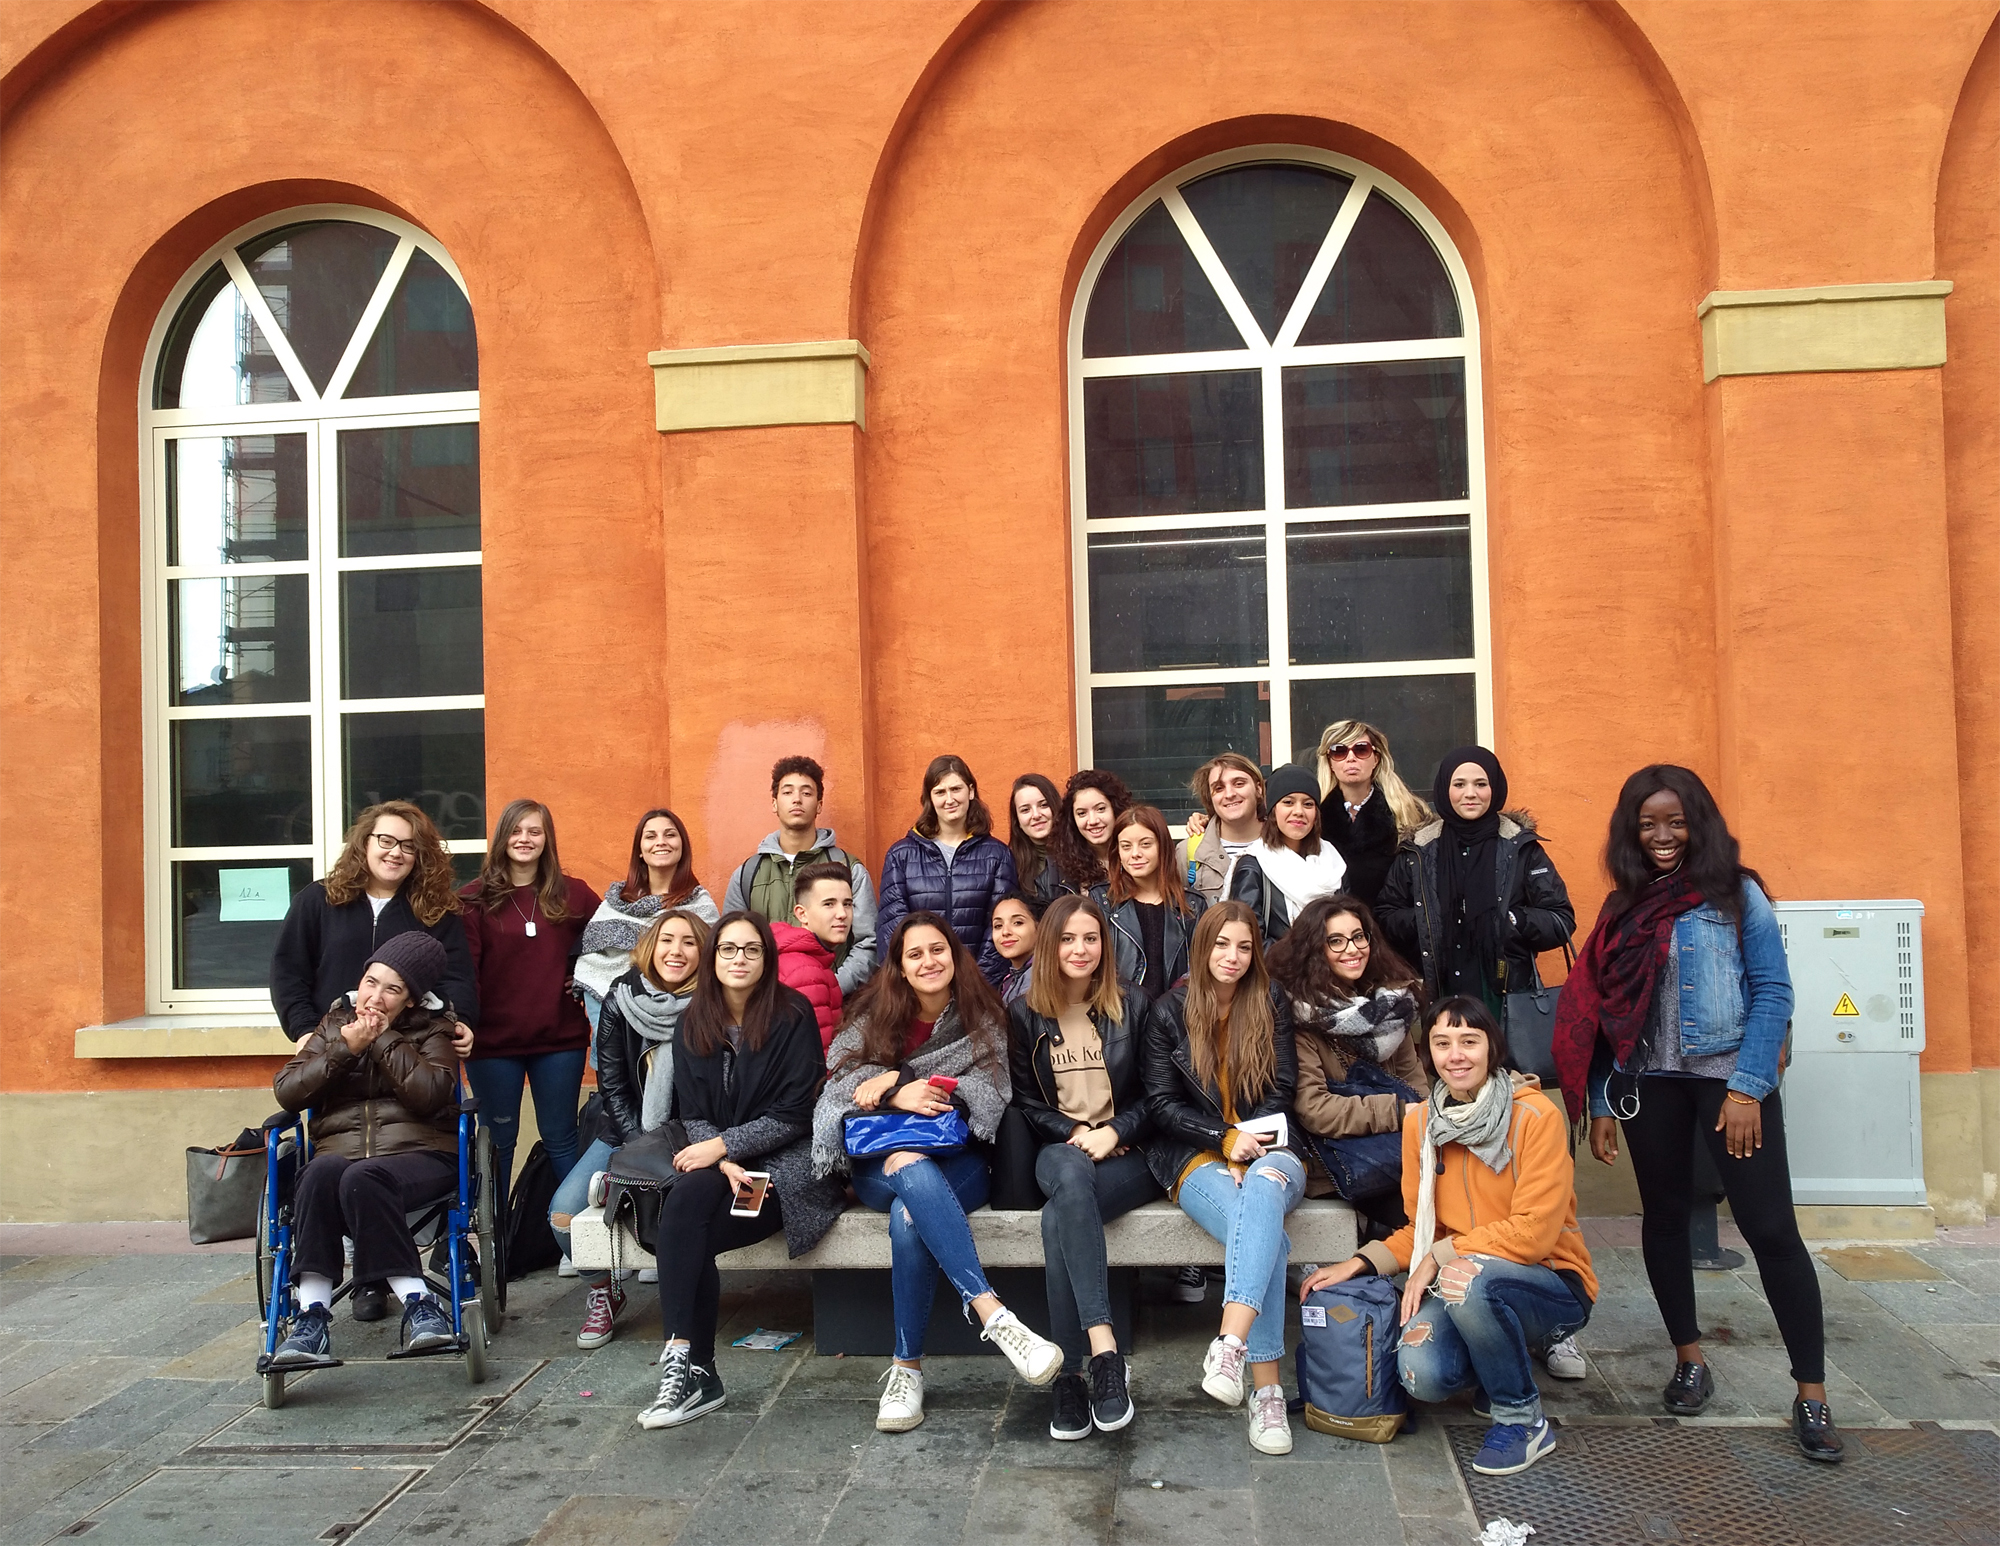 Itinerari sul tema donne e lavoro a Modena per il progetto #cittadine